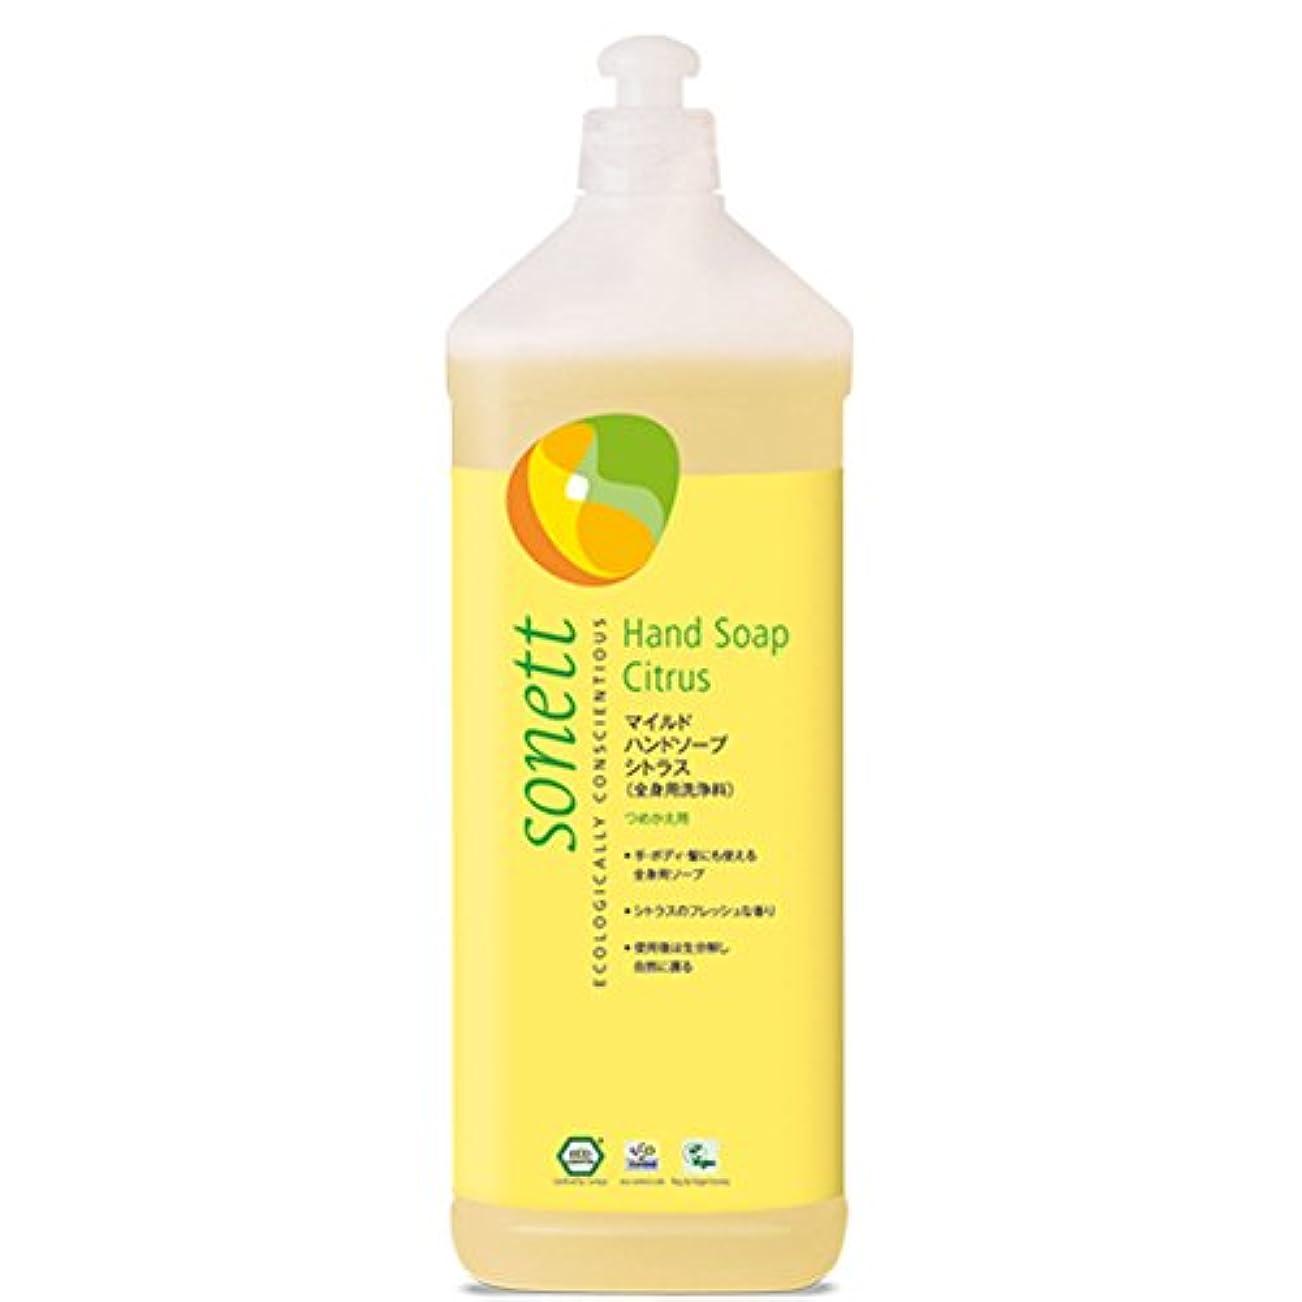 用心ギャップ論理SONETT ( ソネット 洗剤 ) マイルドハンドソープ シトラス 1L  ( ボディー&ハンドソープ 全身 )